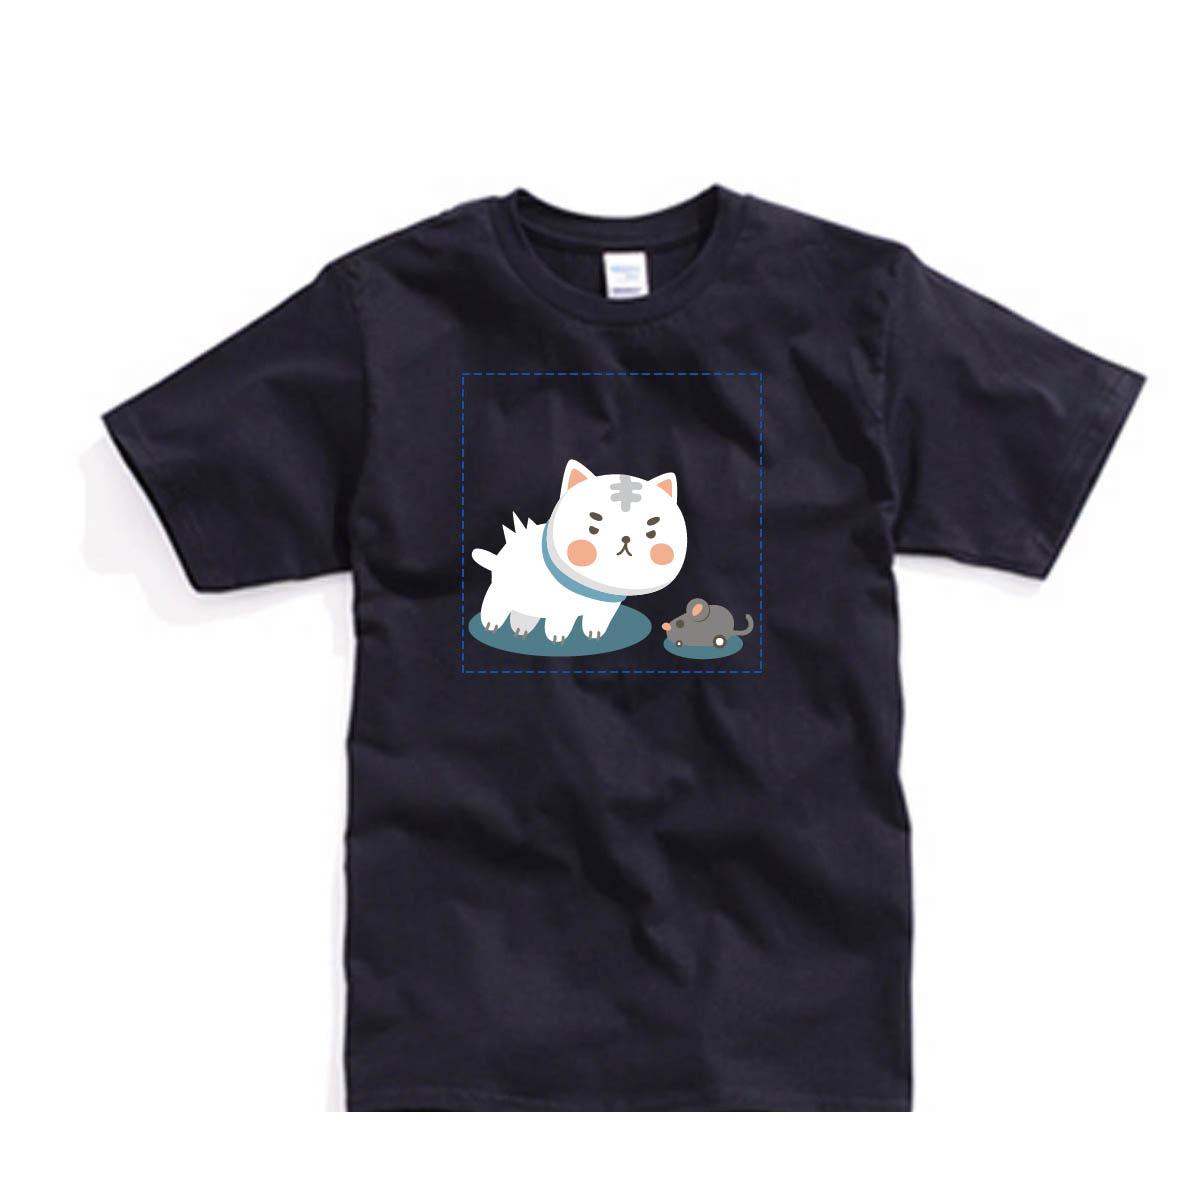 ✨ 喵星2系列✨自己的T恤自己做-色T!100%純棉台製棉T素材!一件也可以做!多件另有優惠!歡迎團體訂做!BSP喵星系001_喵與鼠_G - 限時優惠好康折扣